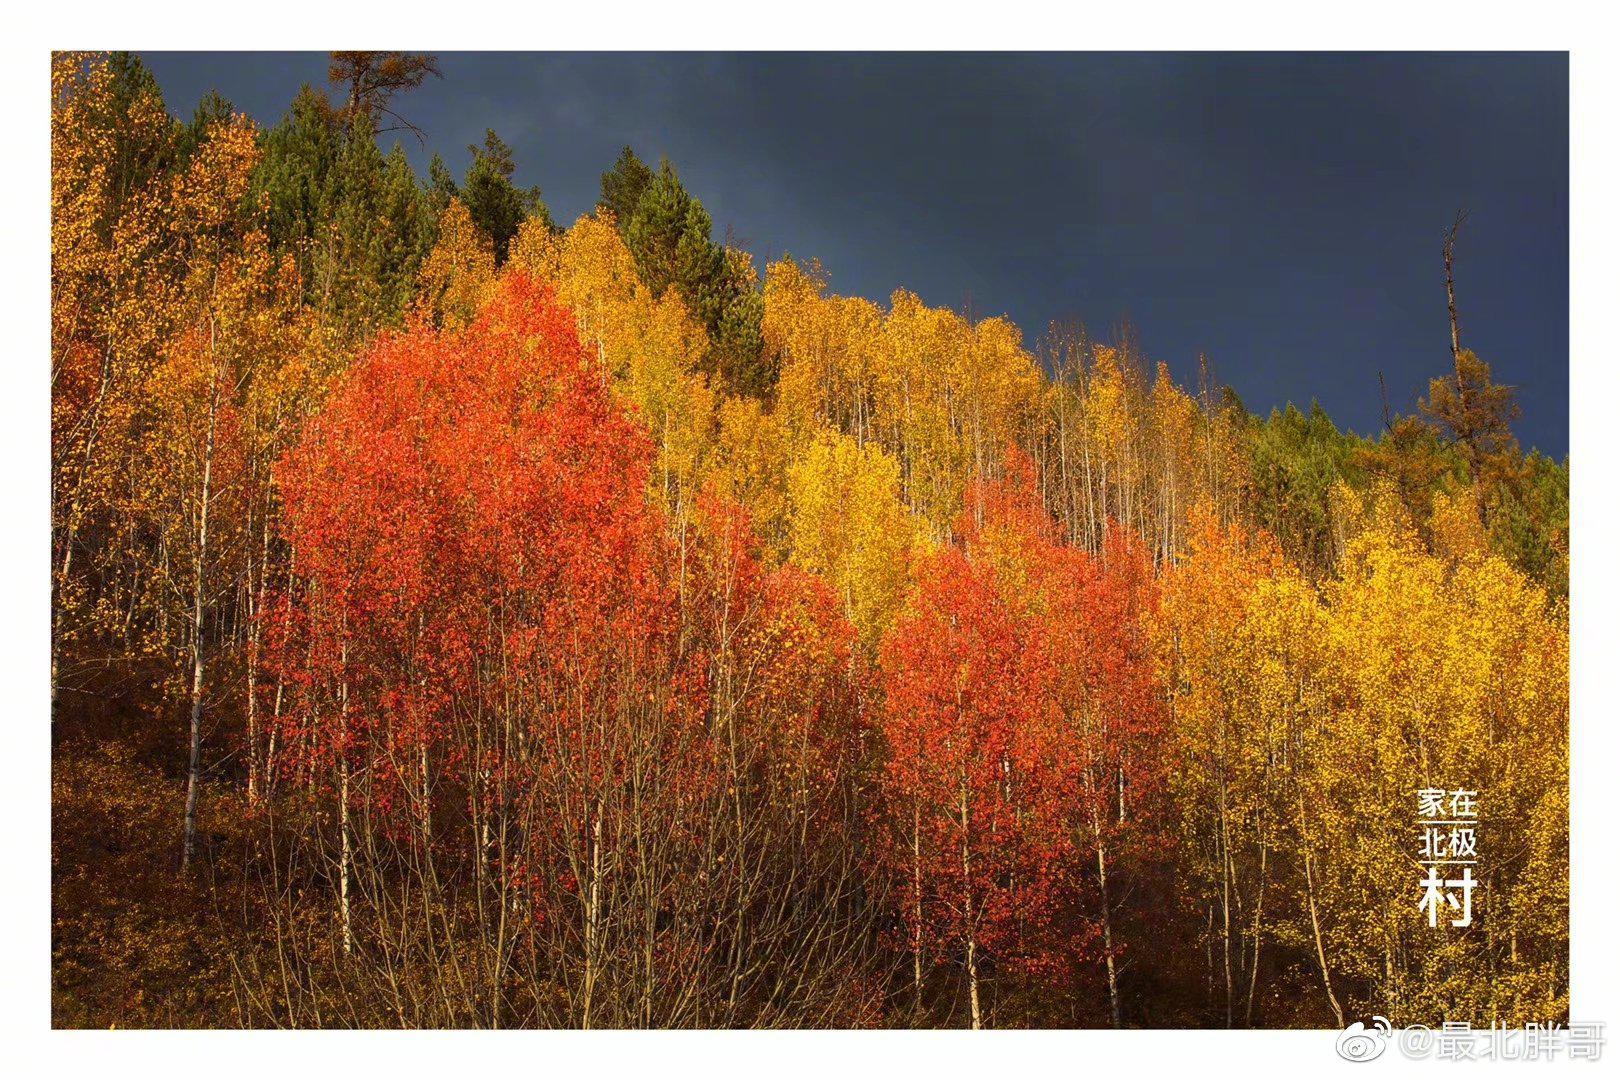 此刻的大兴安岭,万山红遍,层林尽染🍁